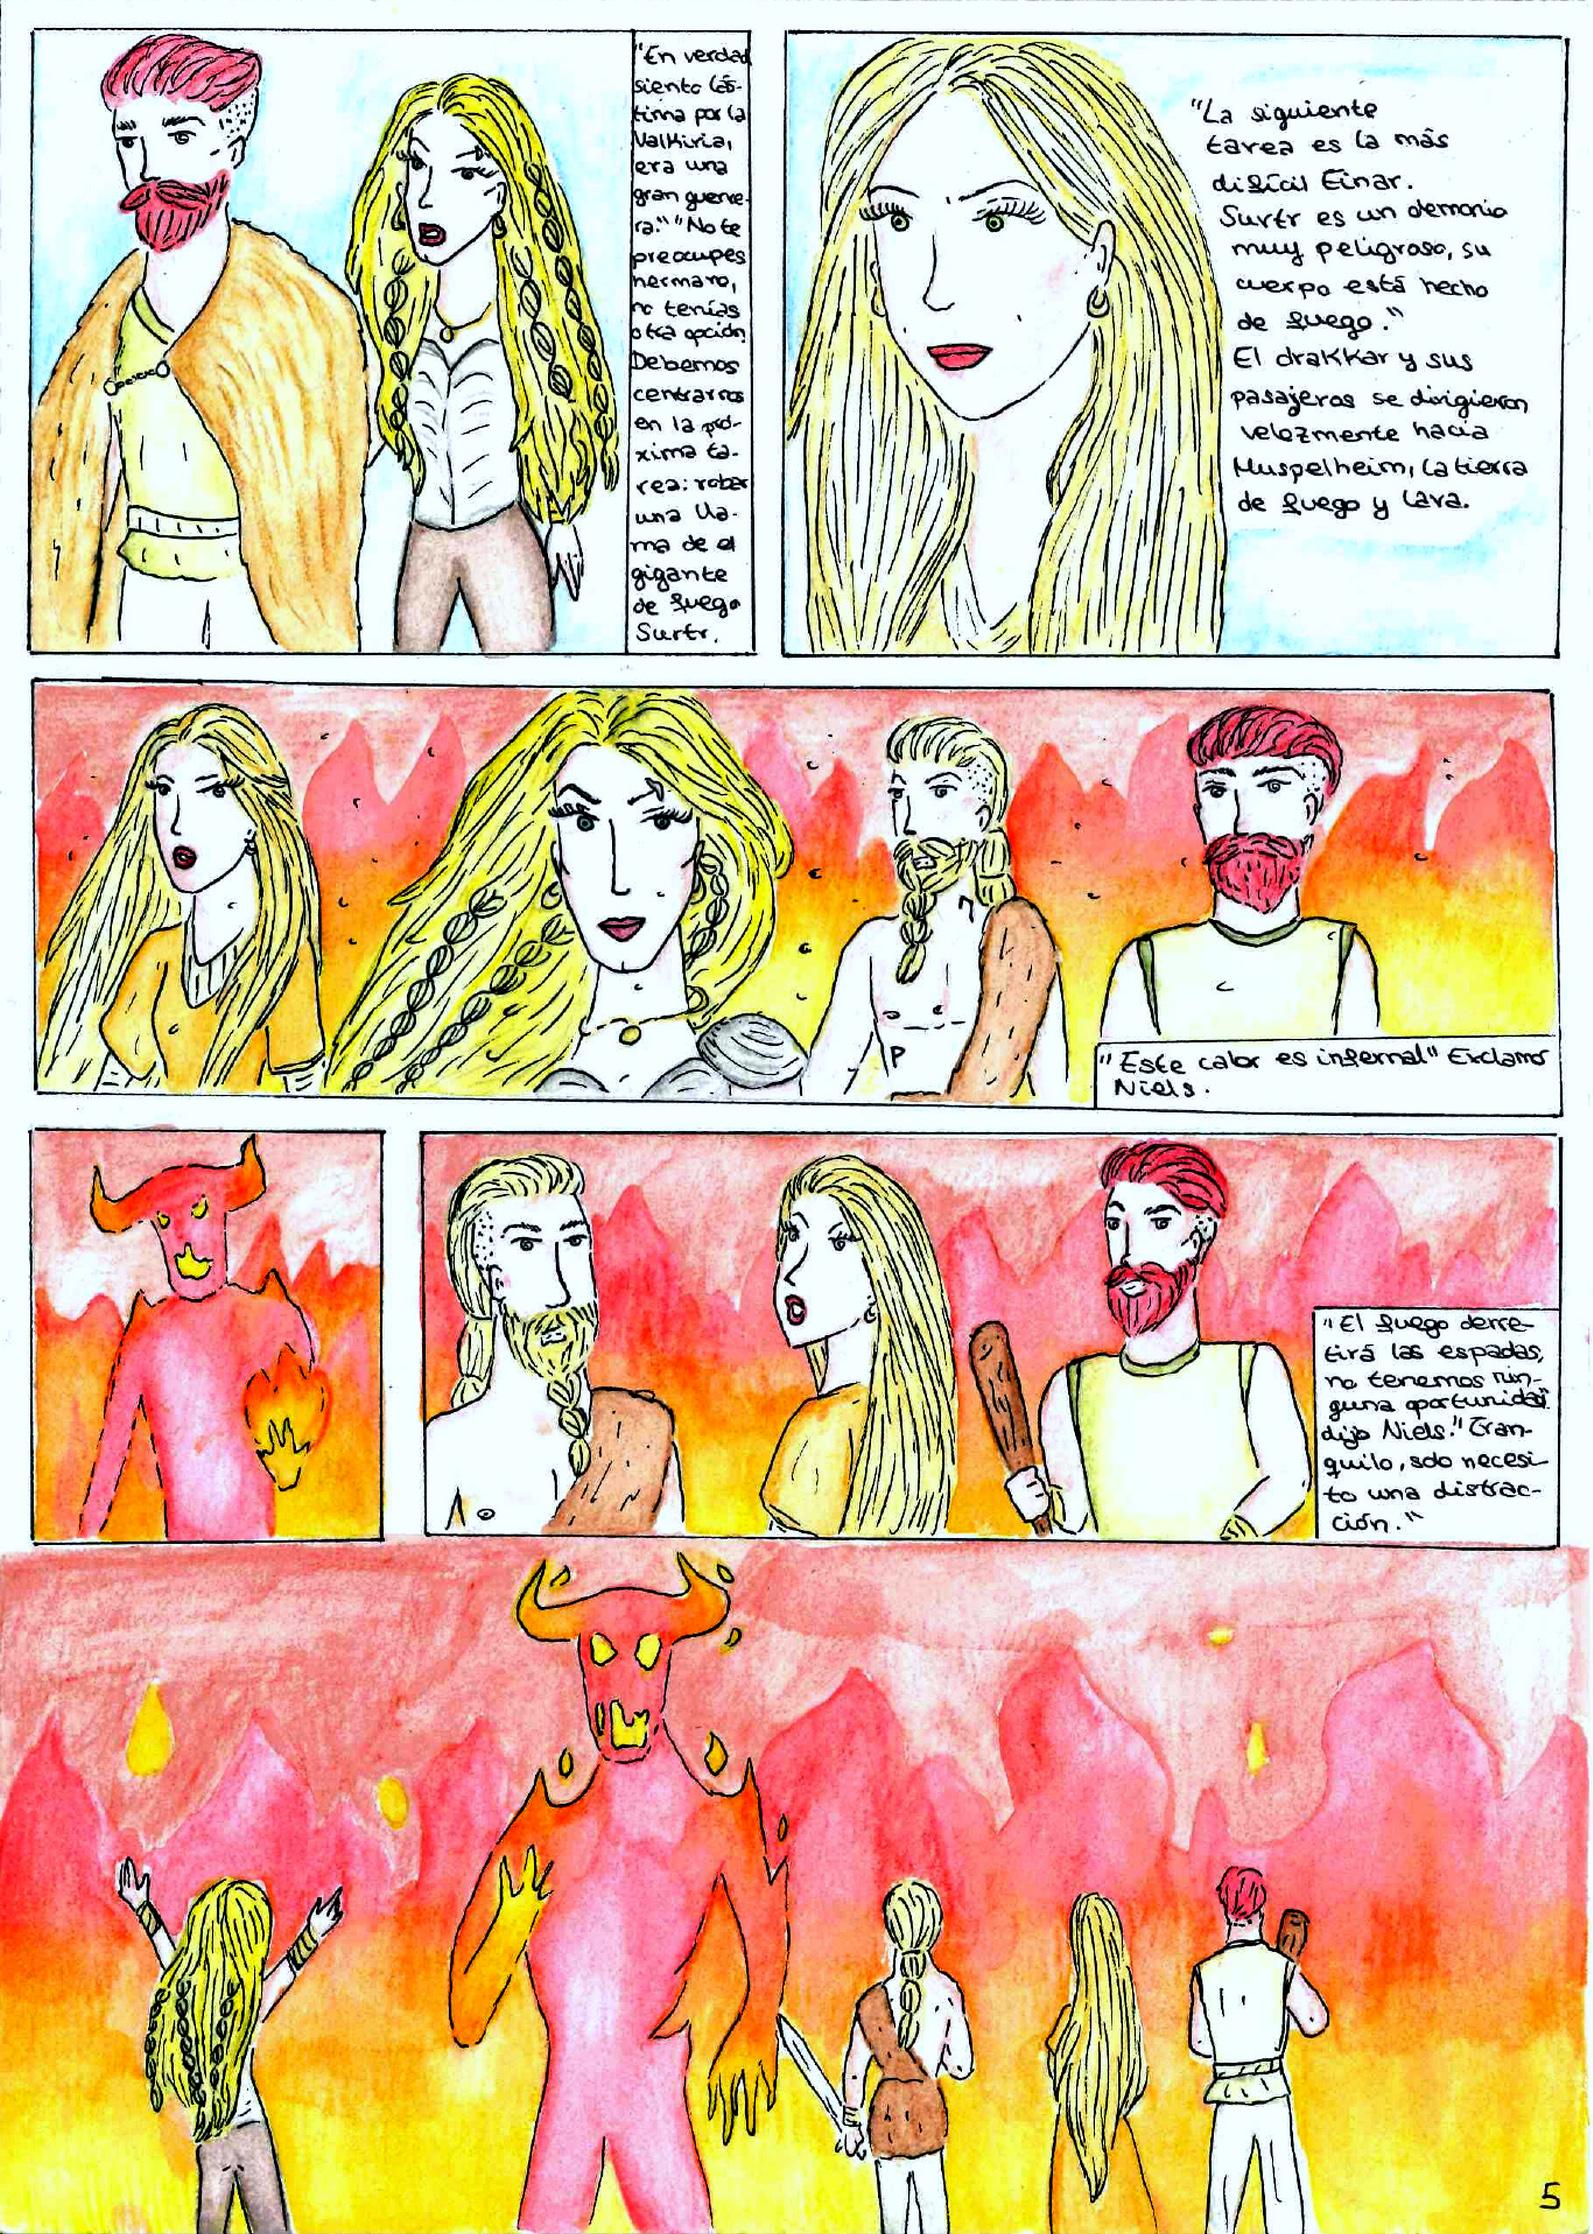 03_Verónica Montaner Mesa_Einar, Barba de Fuego_page-0005_0005